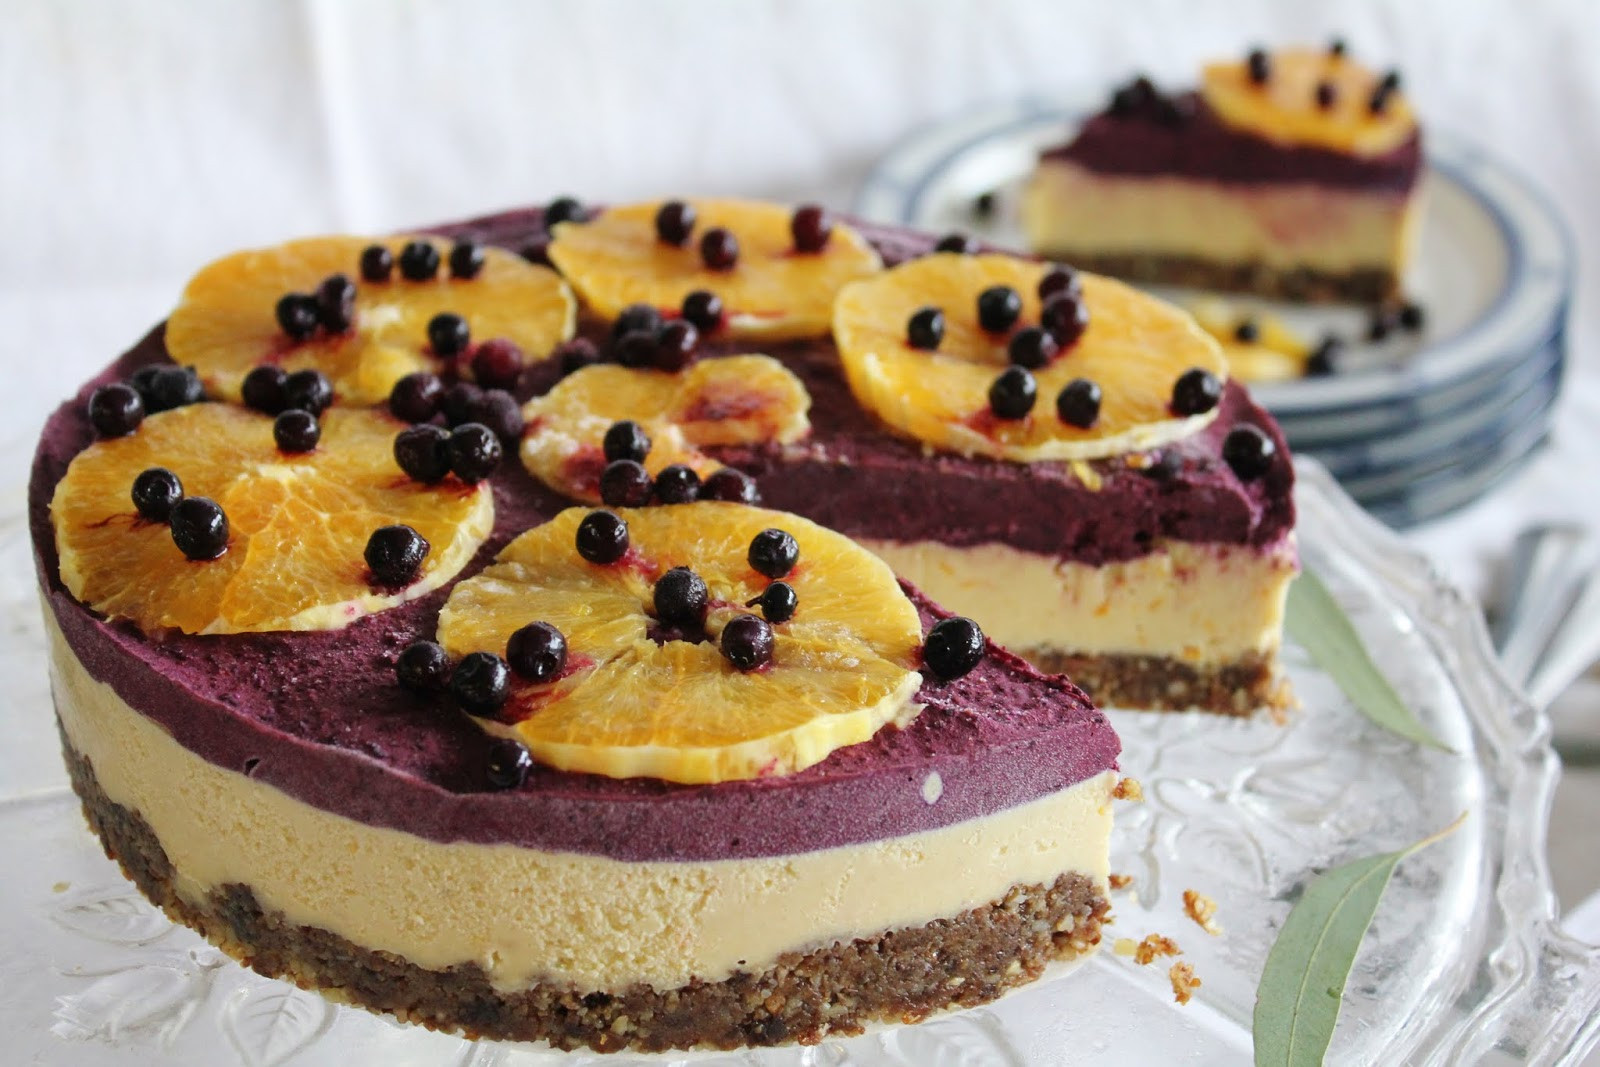 Raw Vegan Desserts  This Rawsome Vegan Life orange & blueberry cheesecake